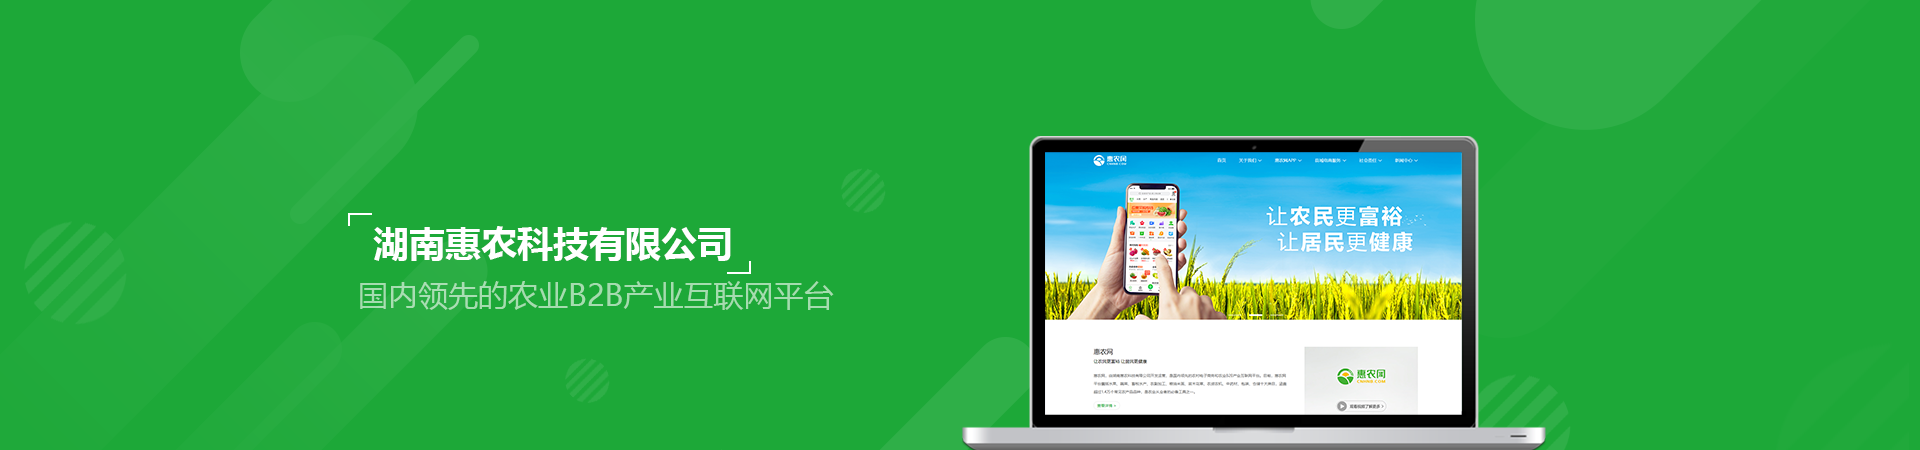 湖南惠农科技有限公司